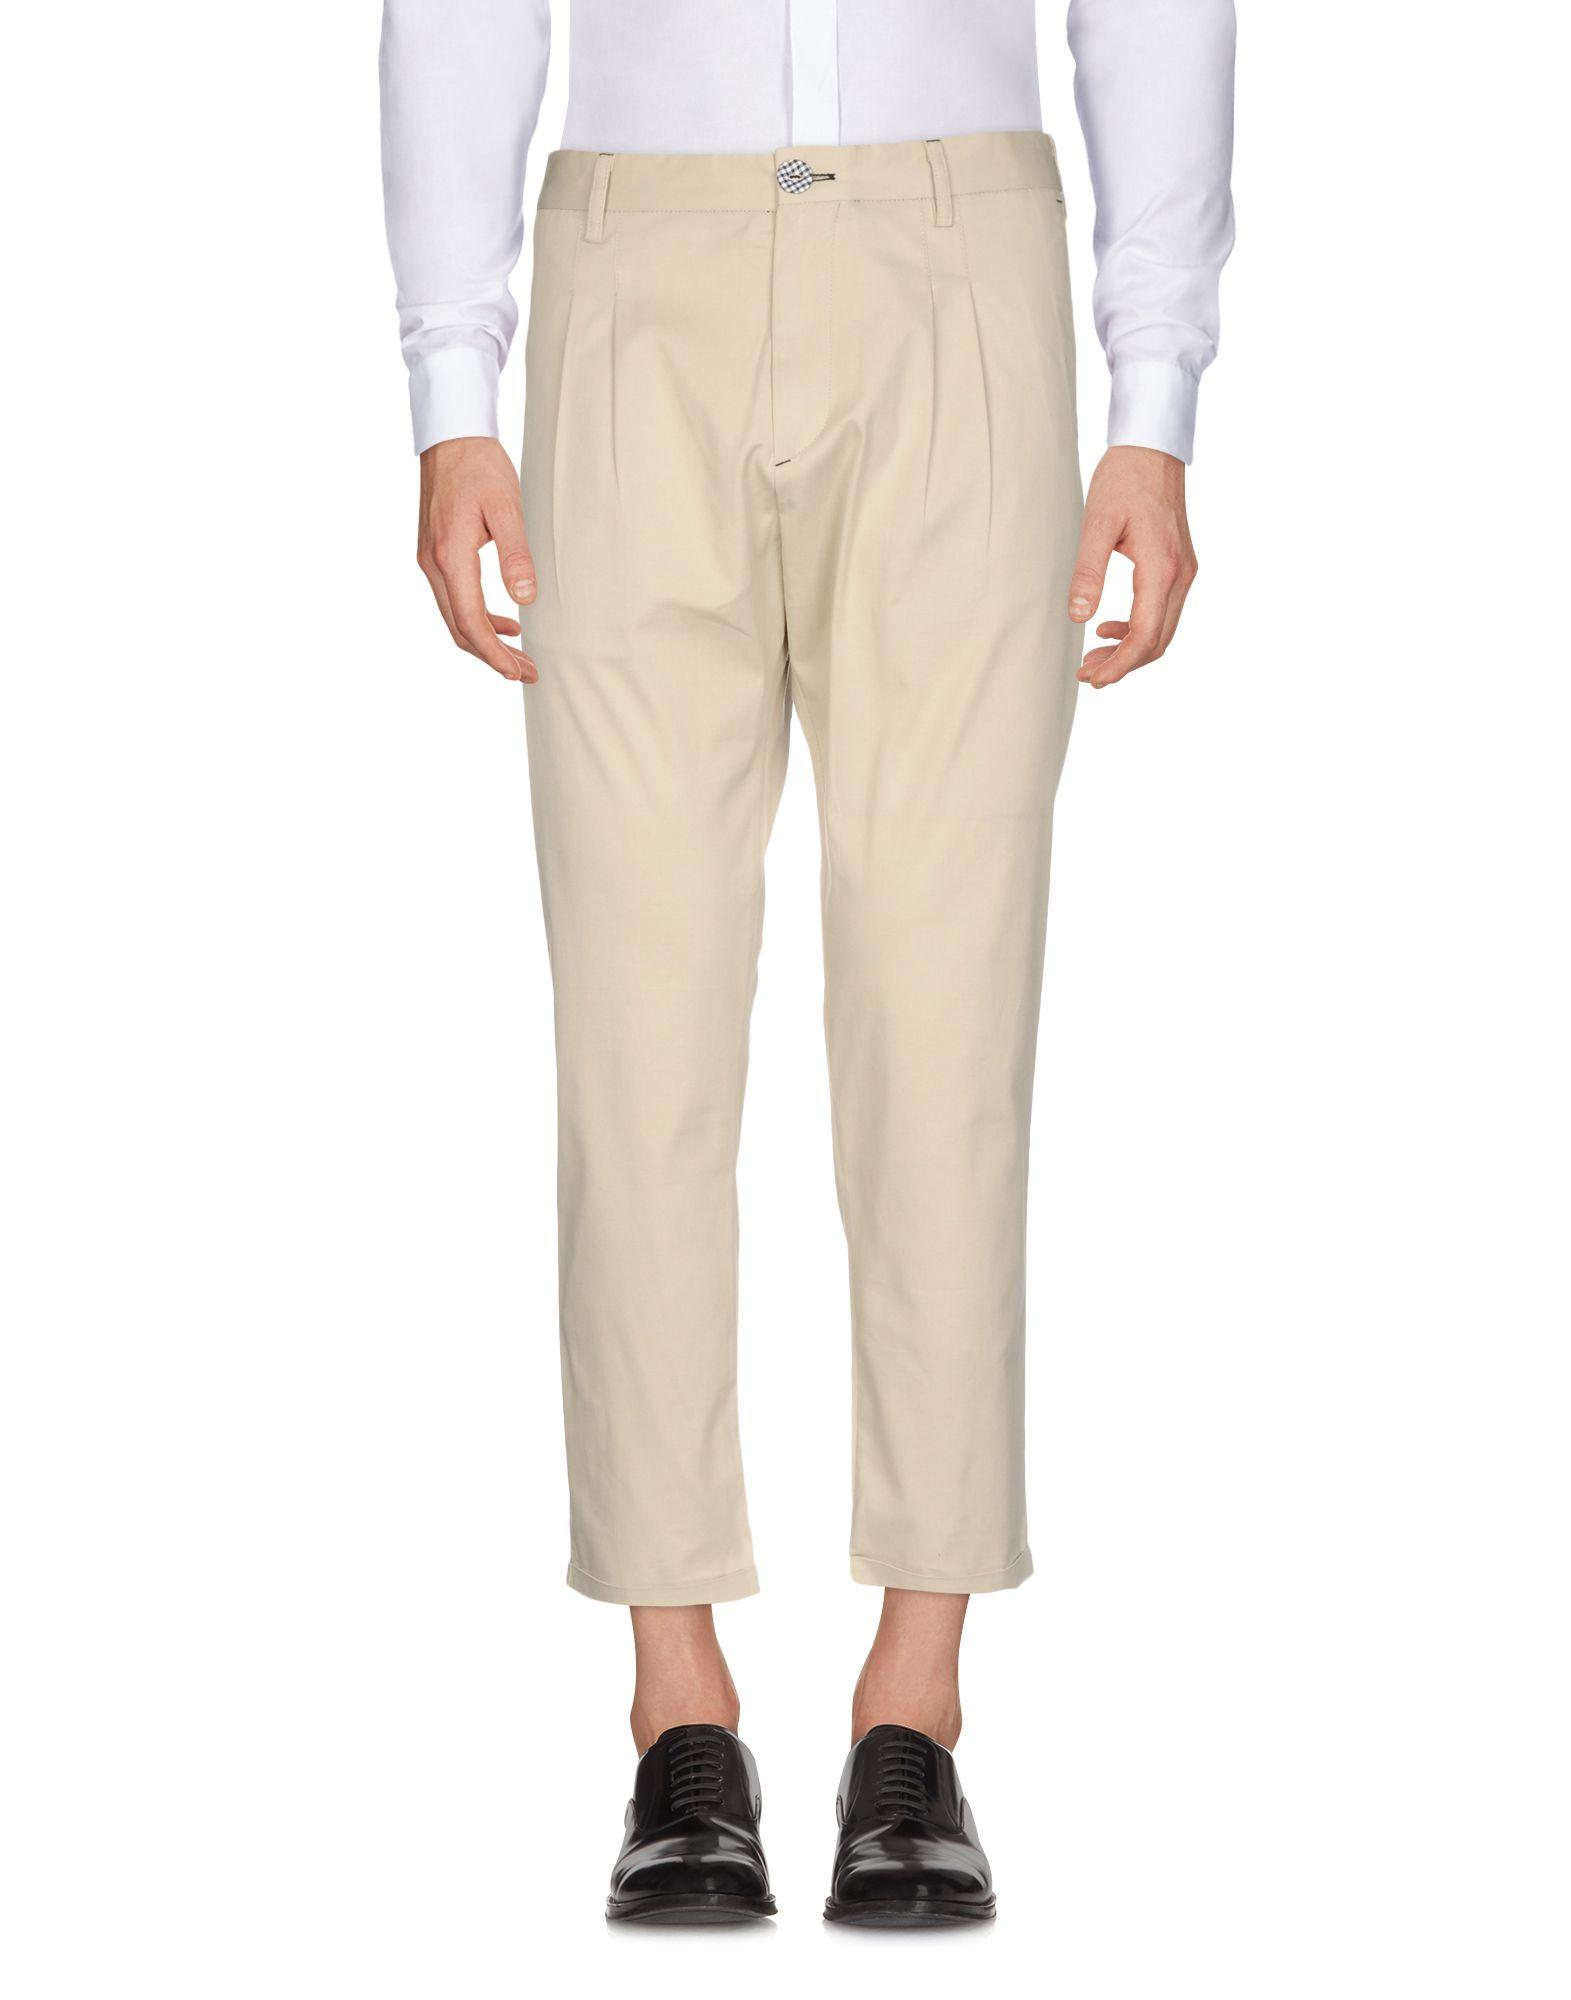 NEILL KATTER Повседневные брюки o neill брюки утепленные мужские o neill podium